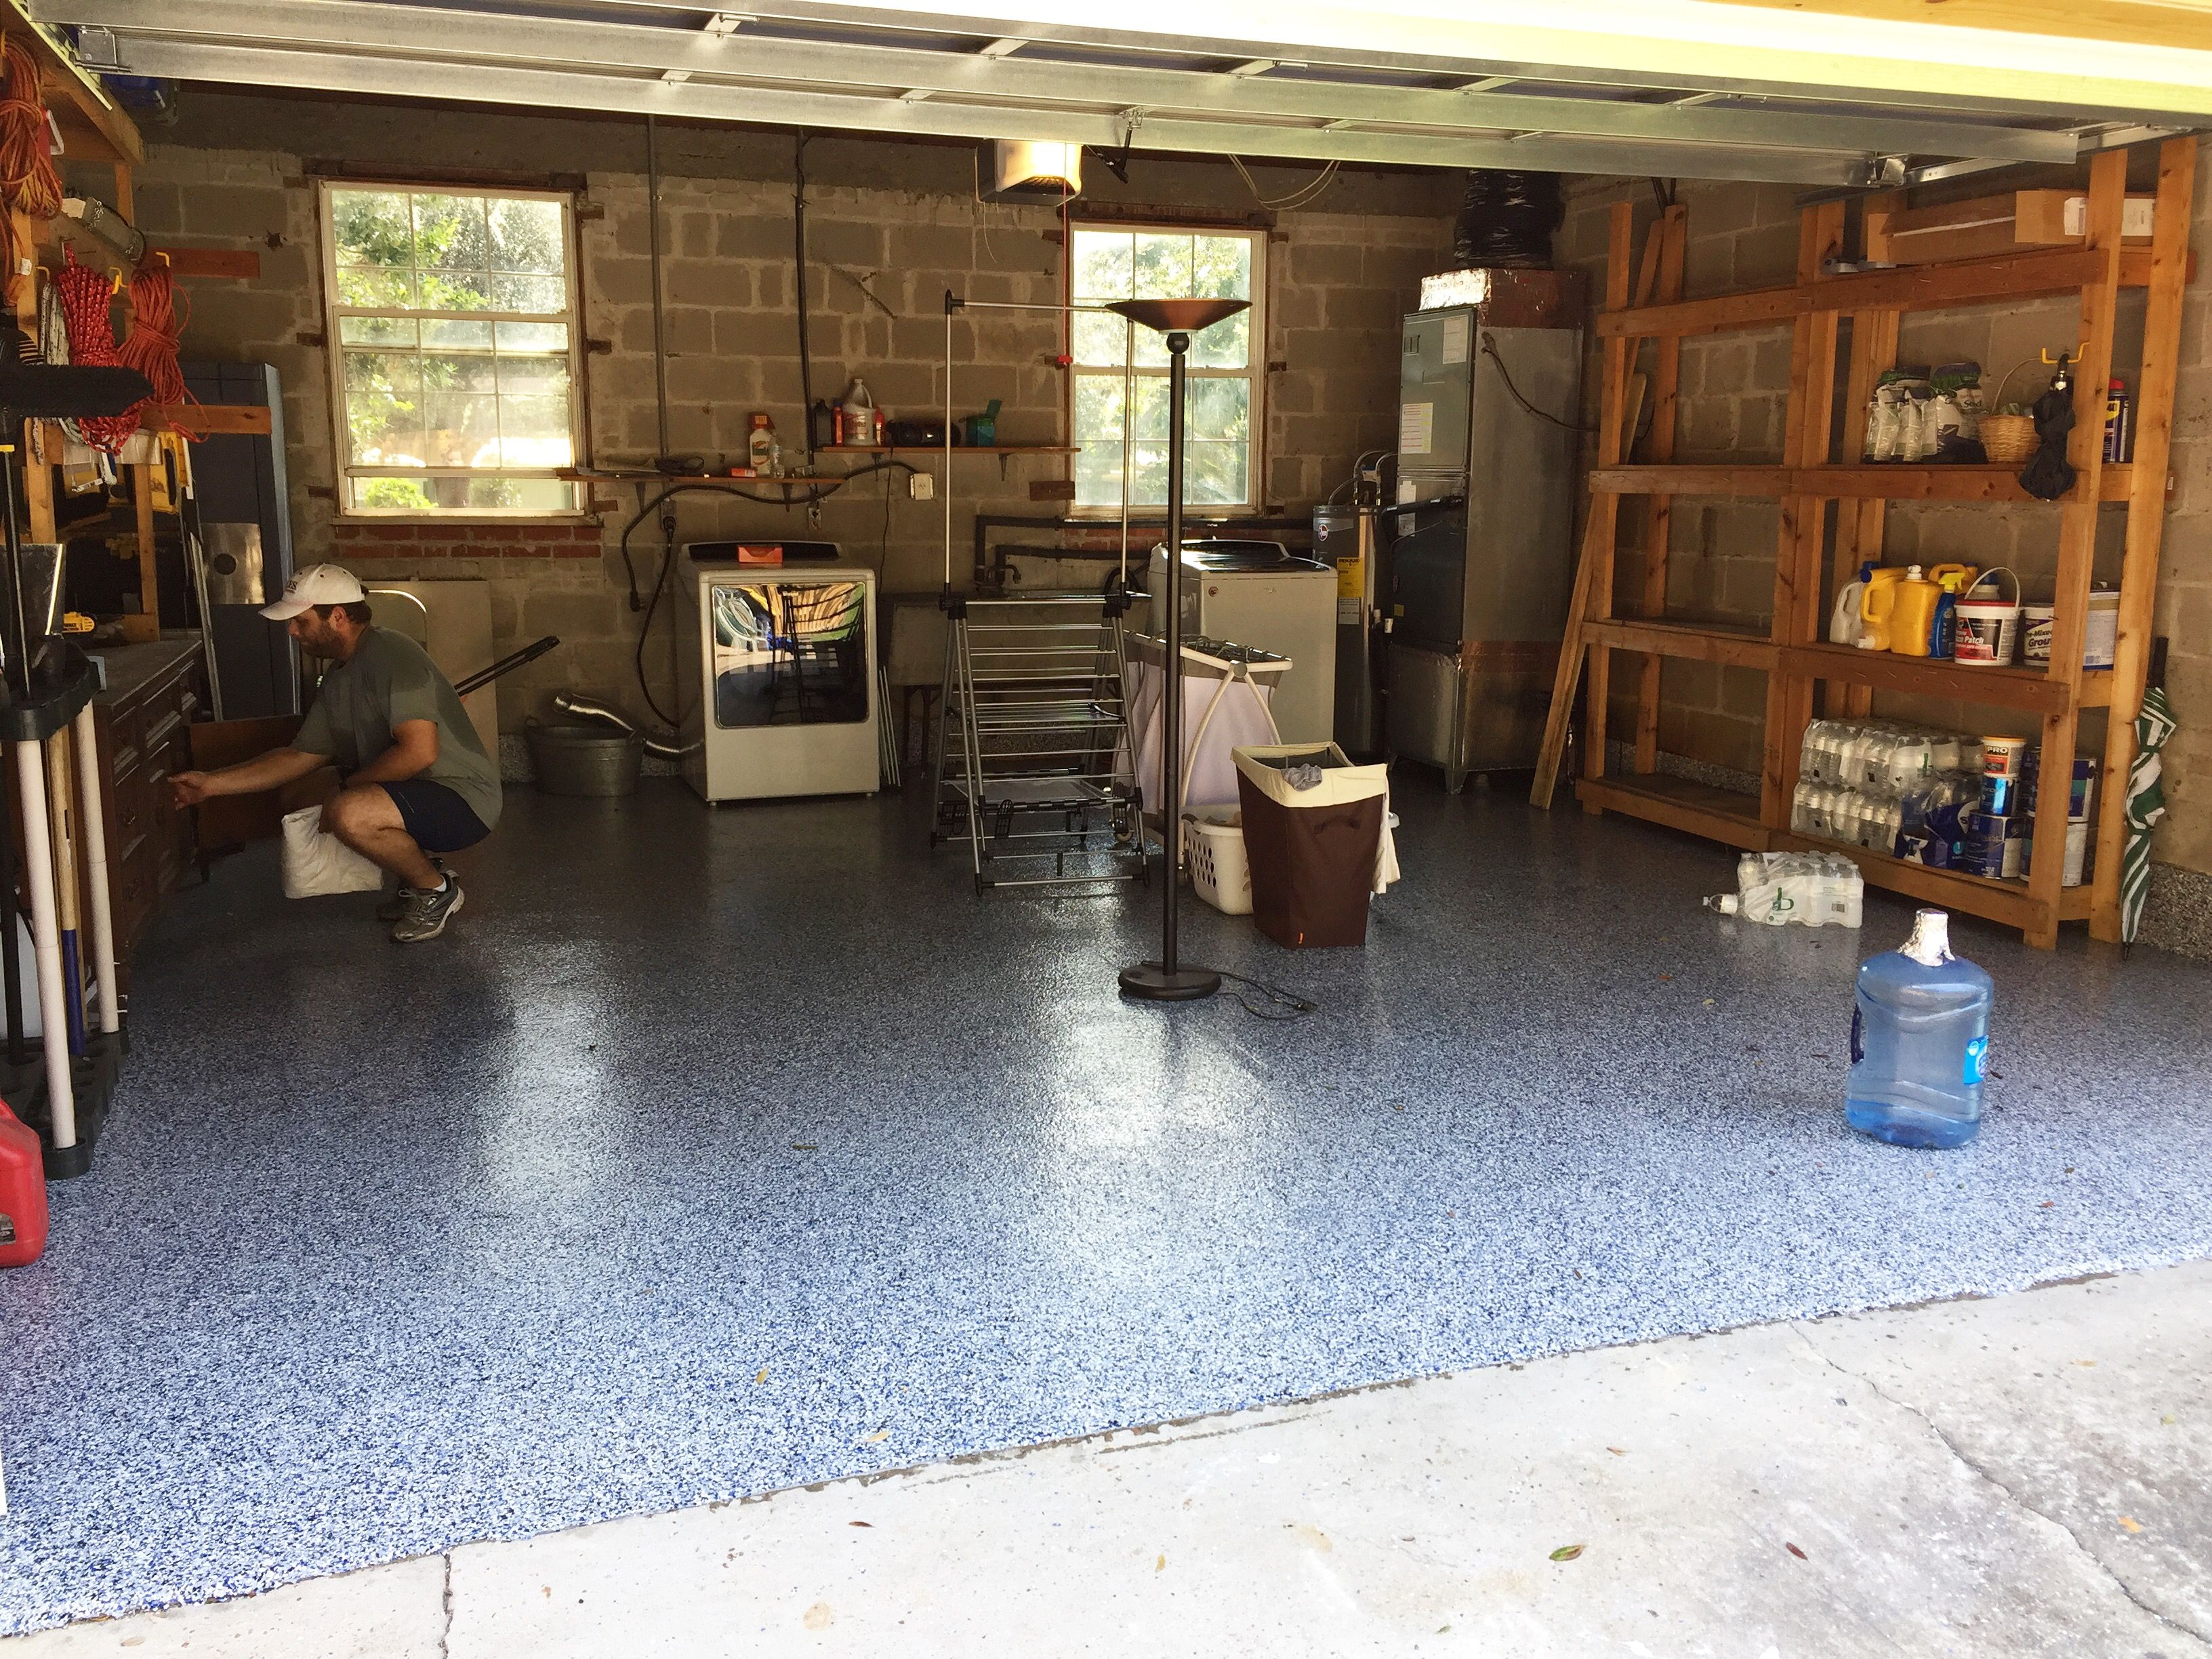 Beautiful garage floor install using EFS epoxy floor